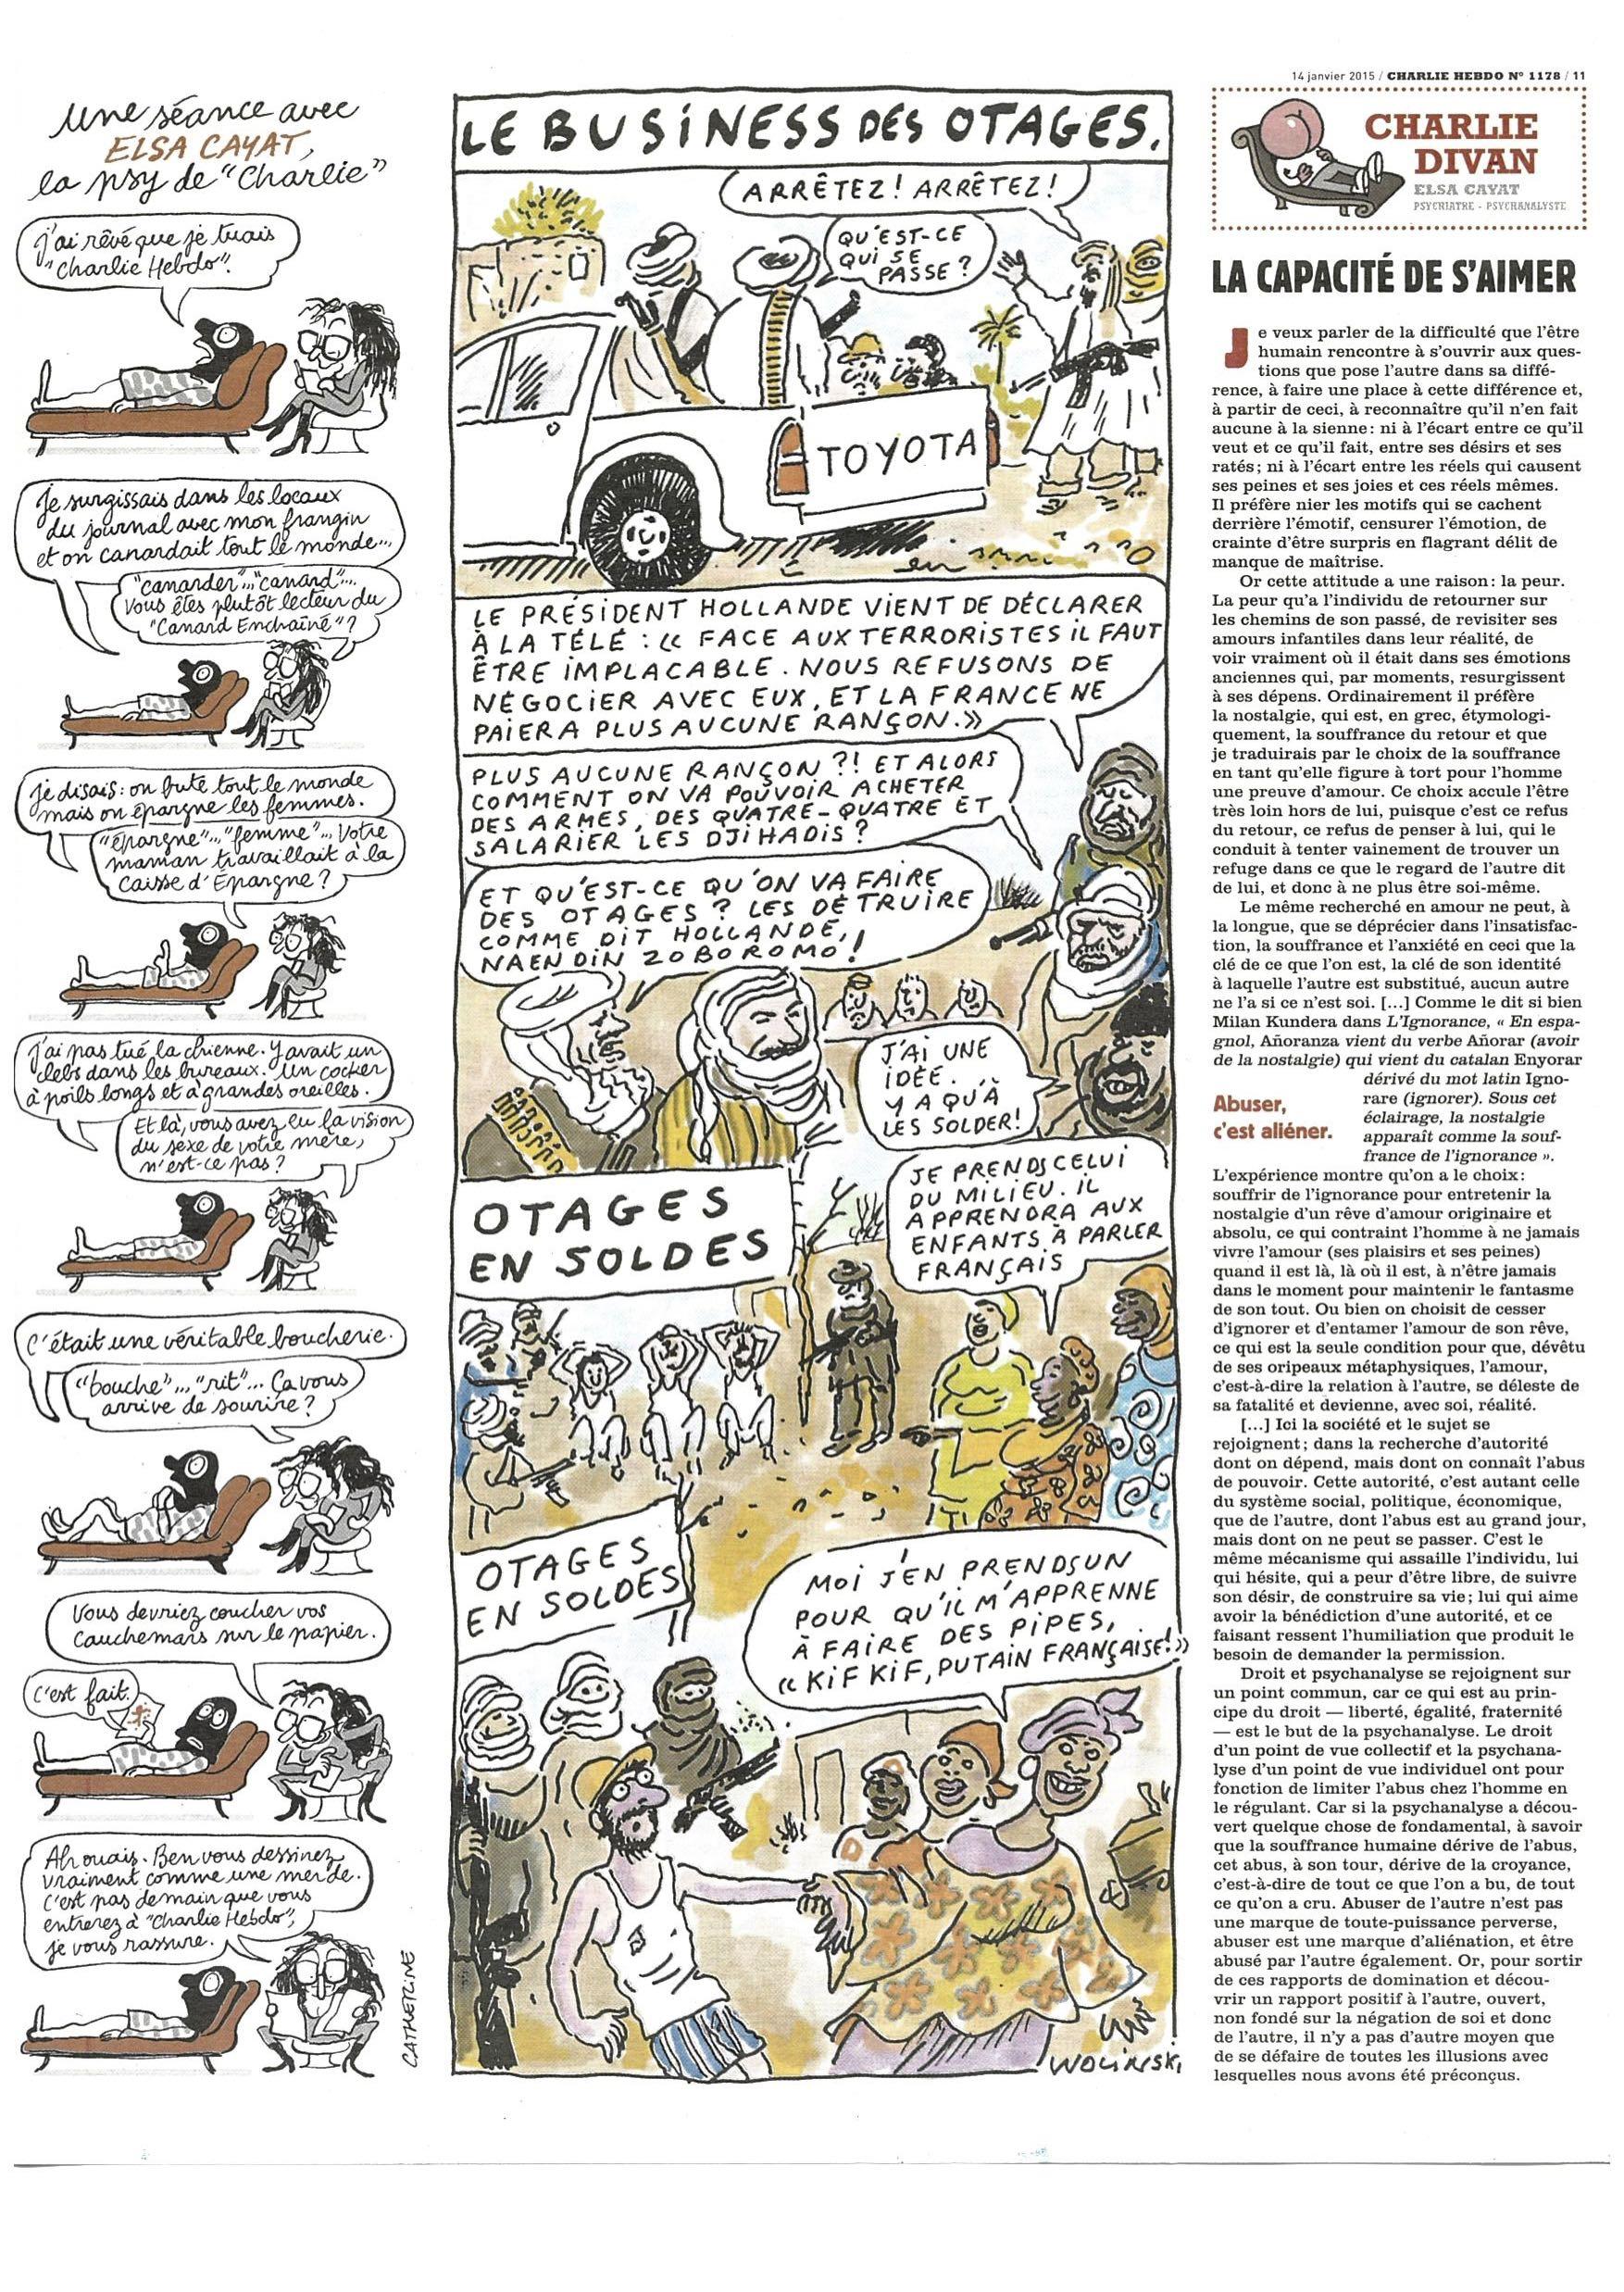 Charlie Hebdo #1178 Page 11